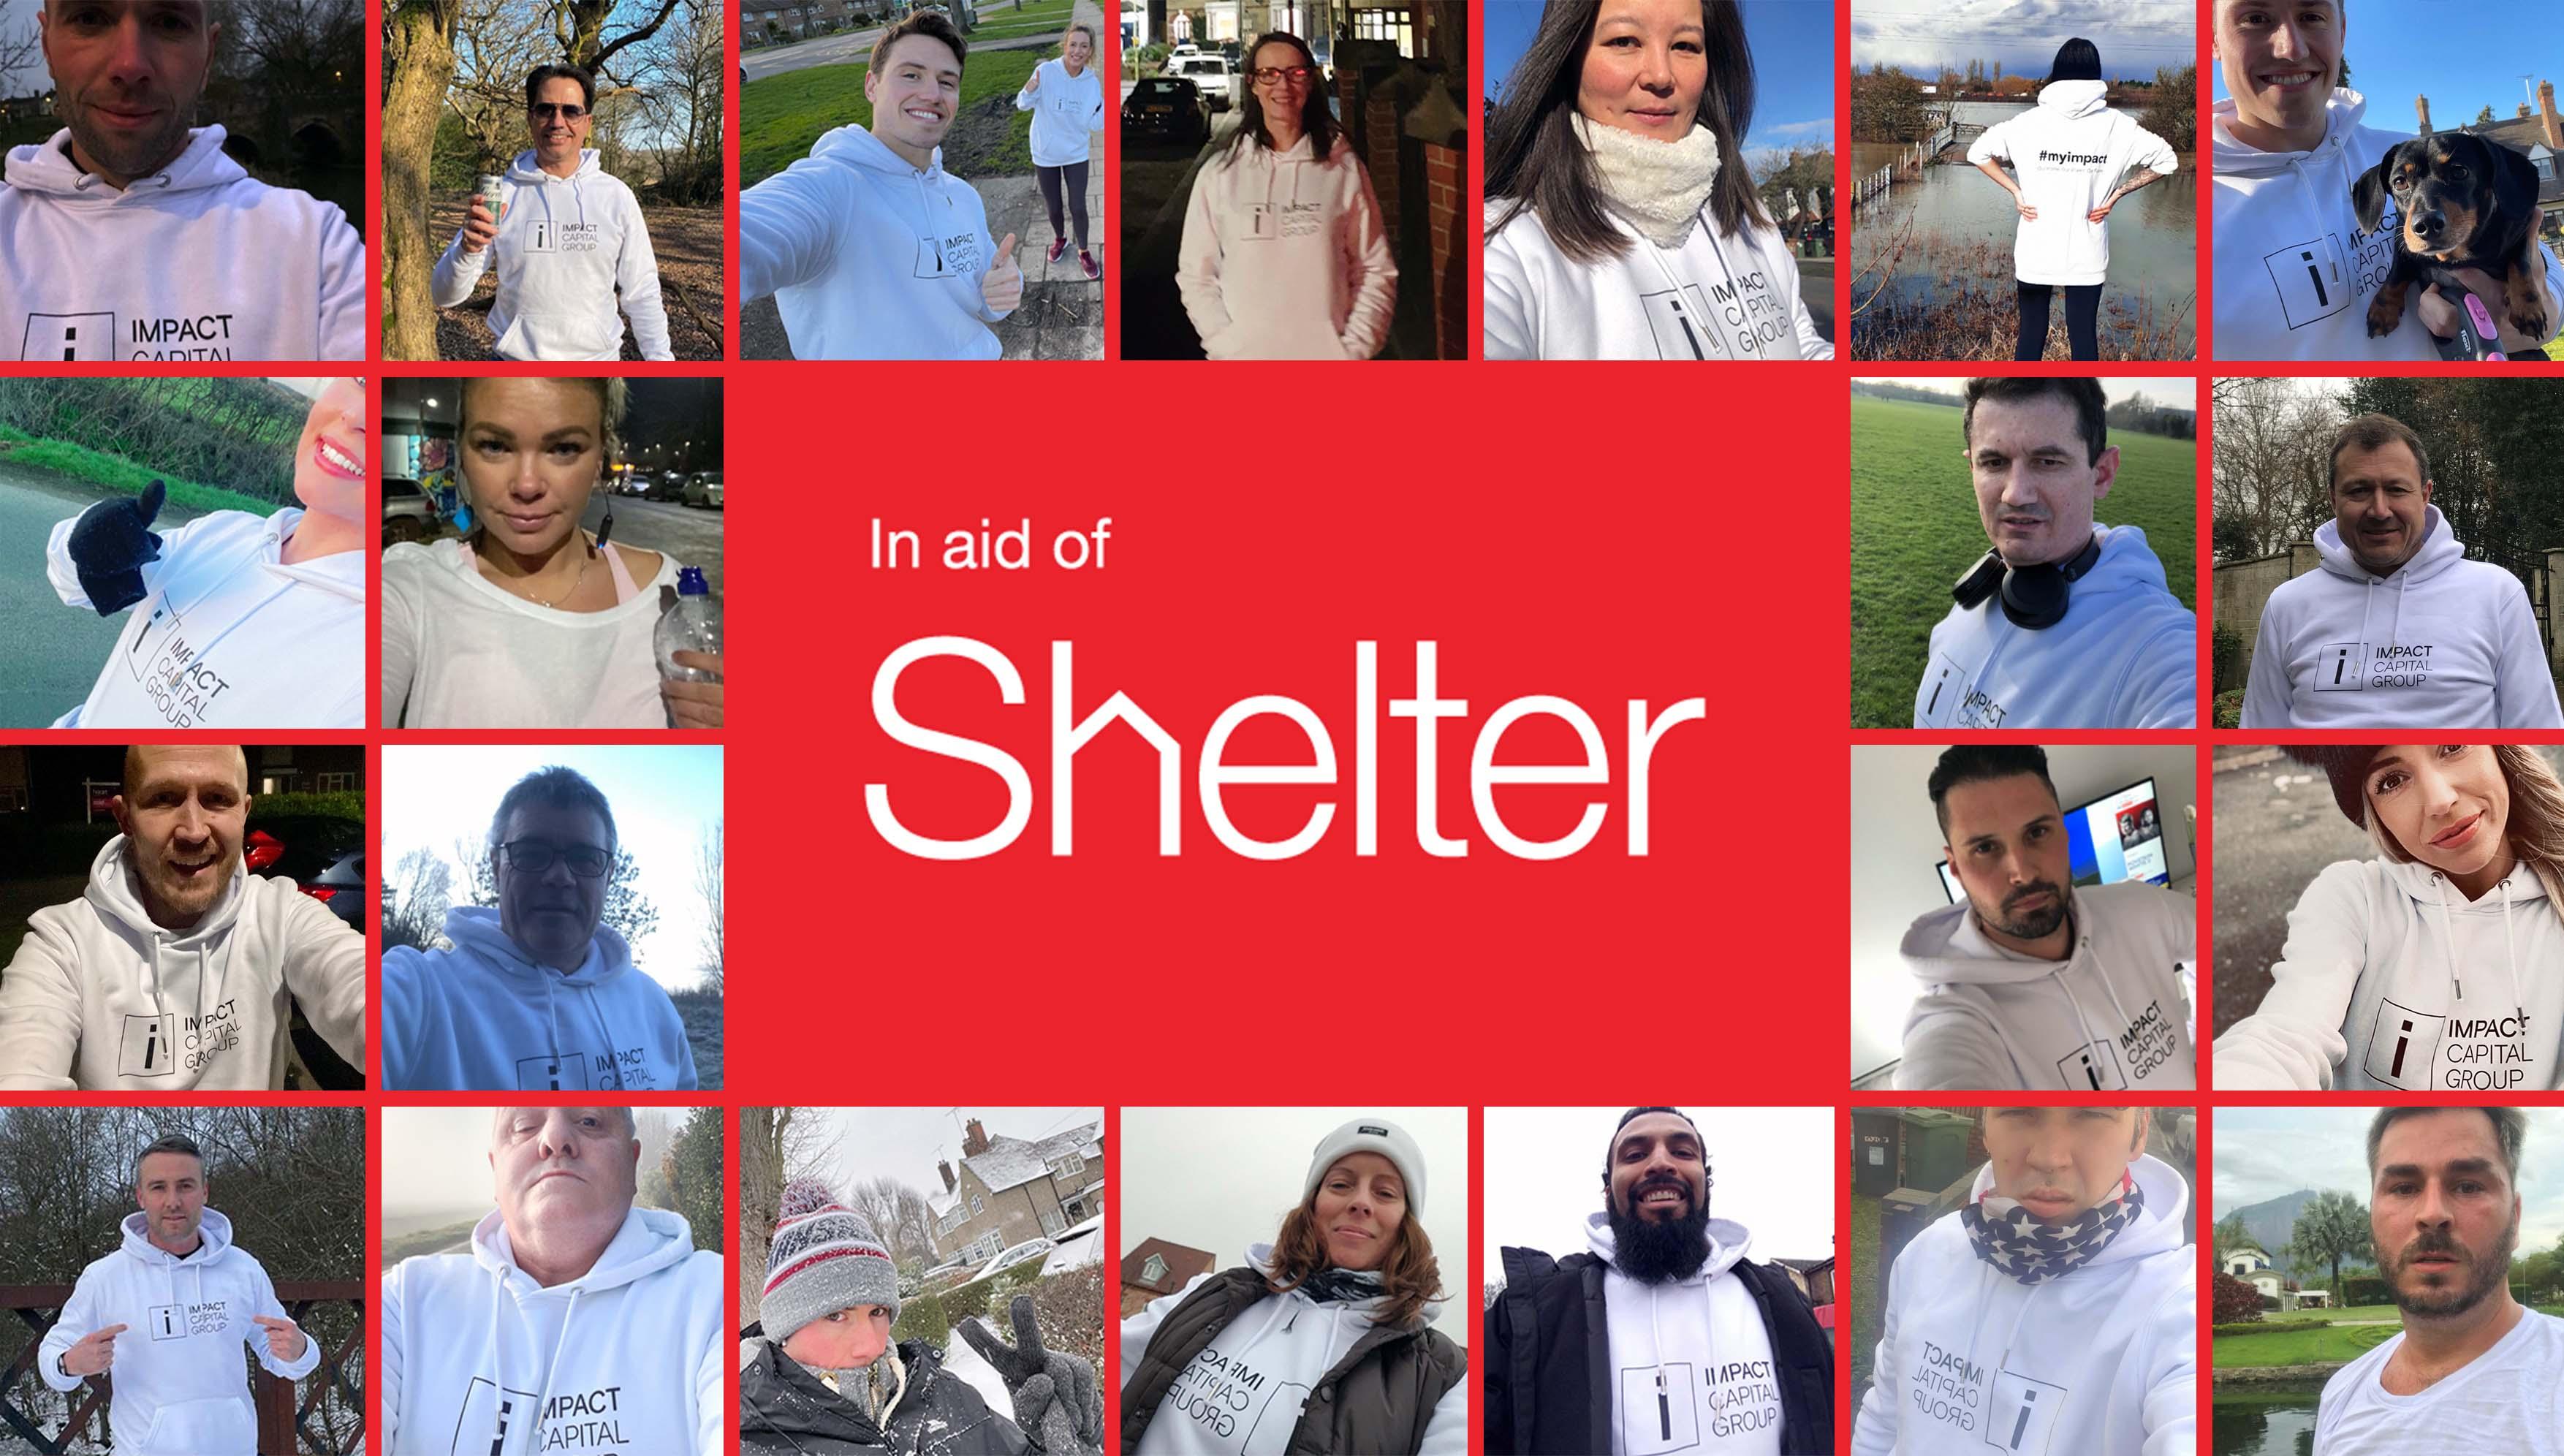 Impact Capital Group raises £5k for Shelter Housing